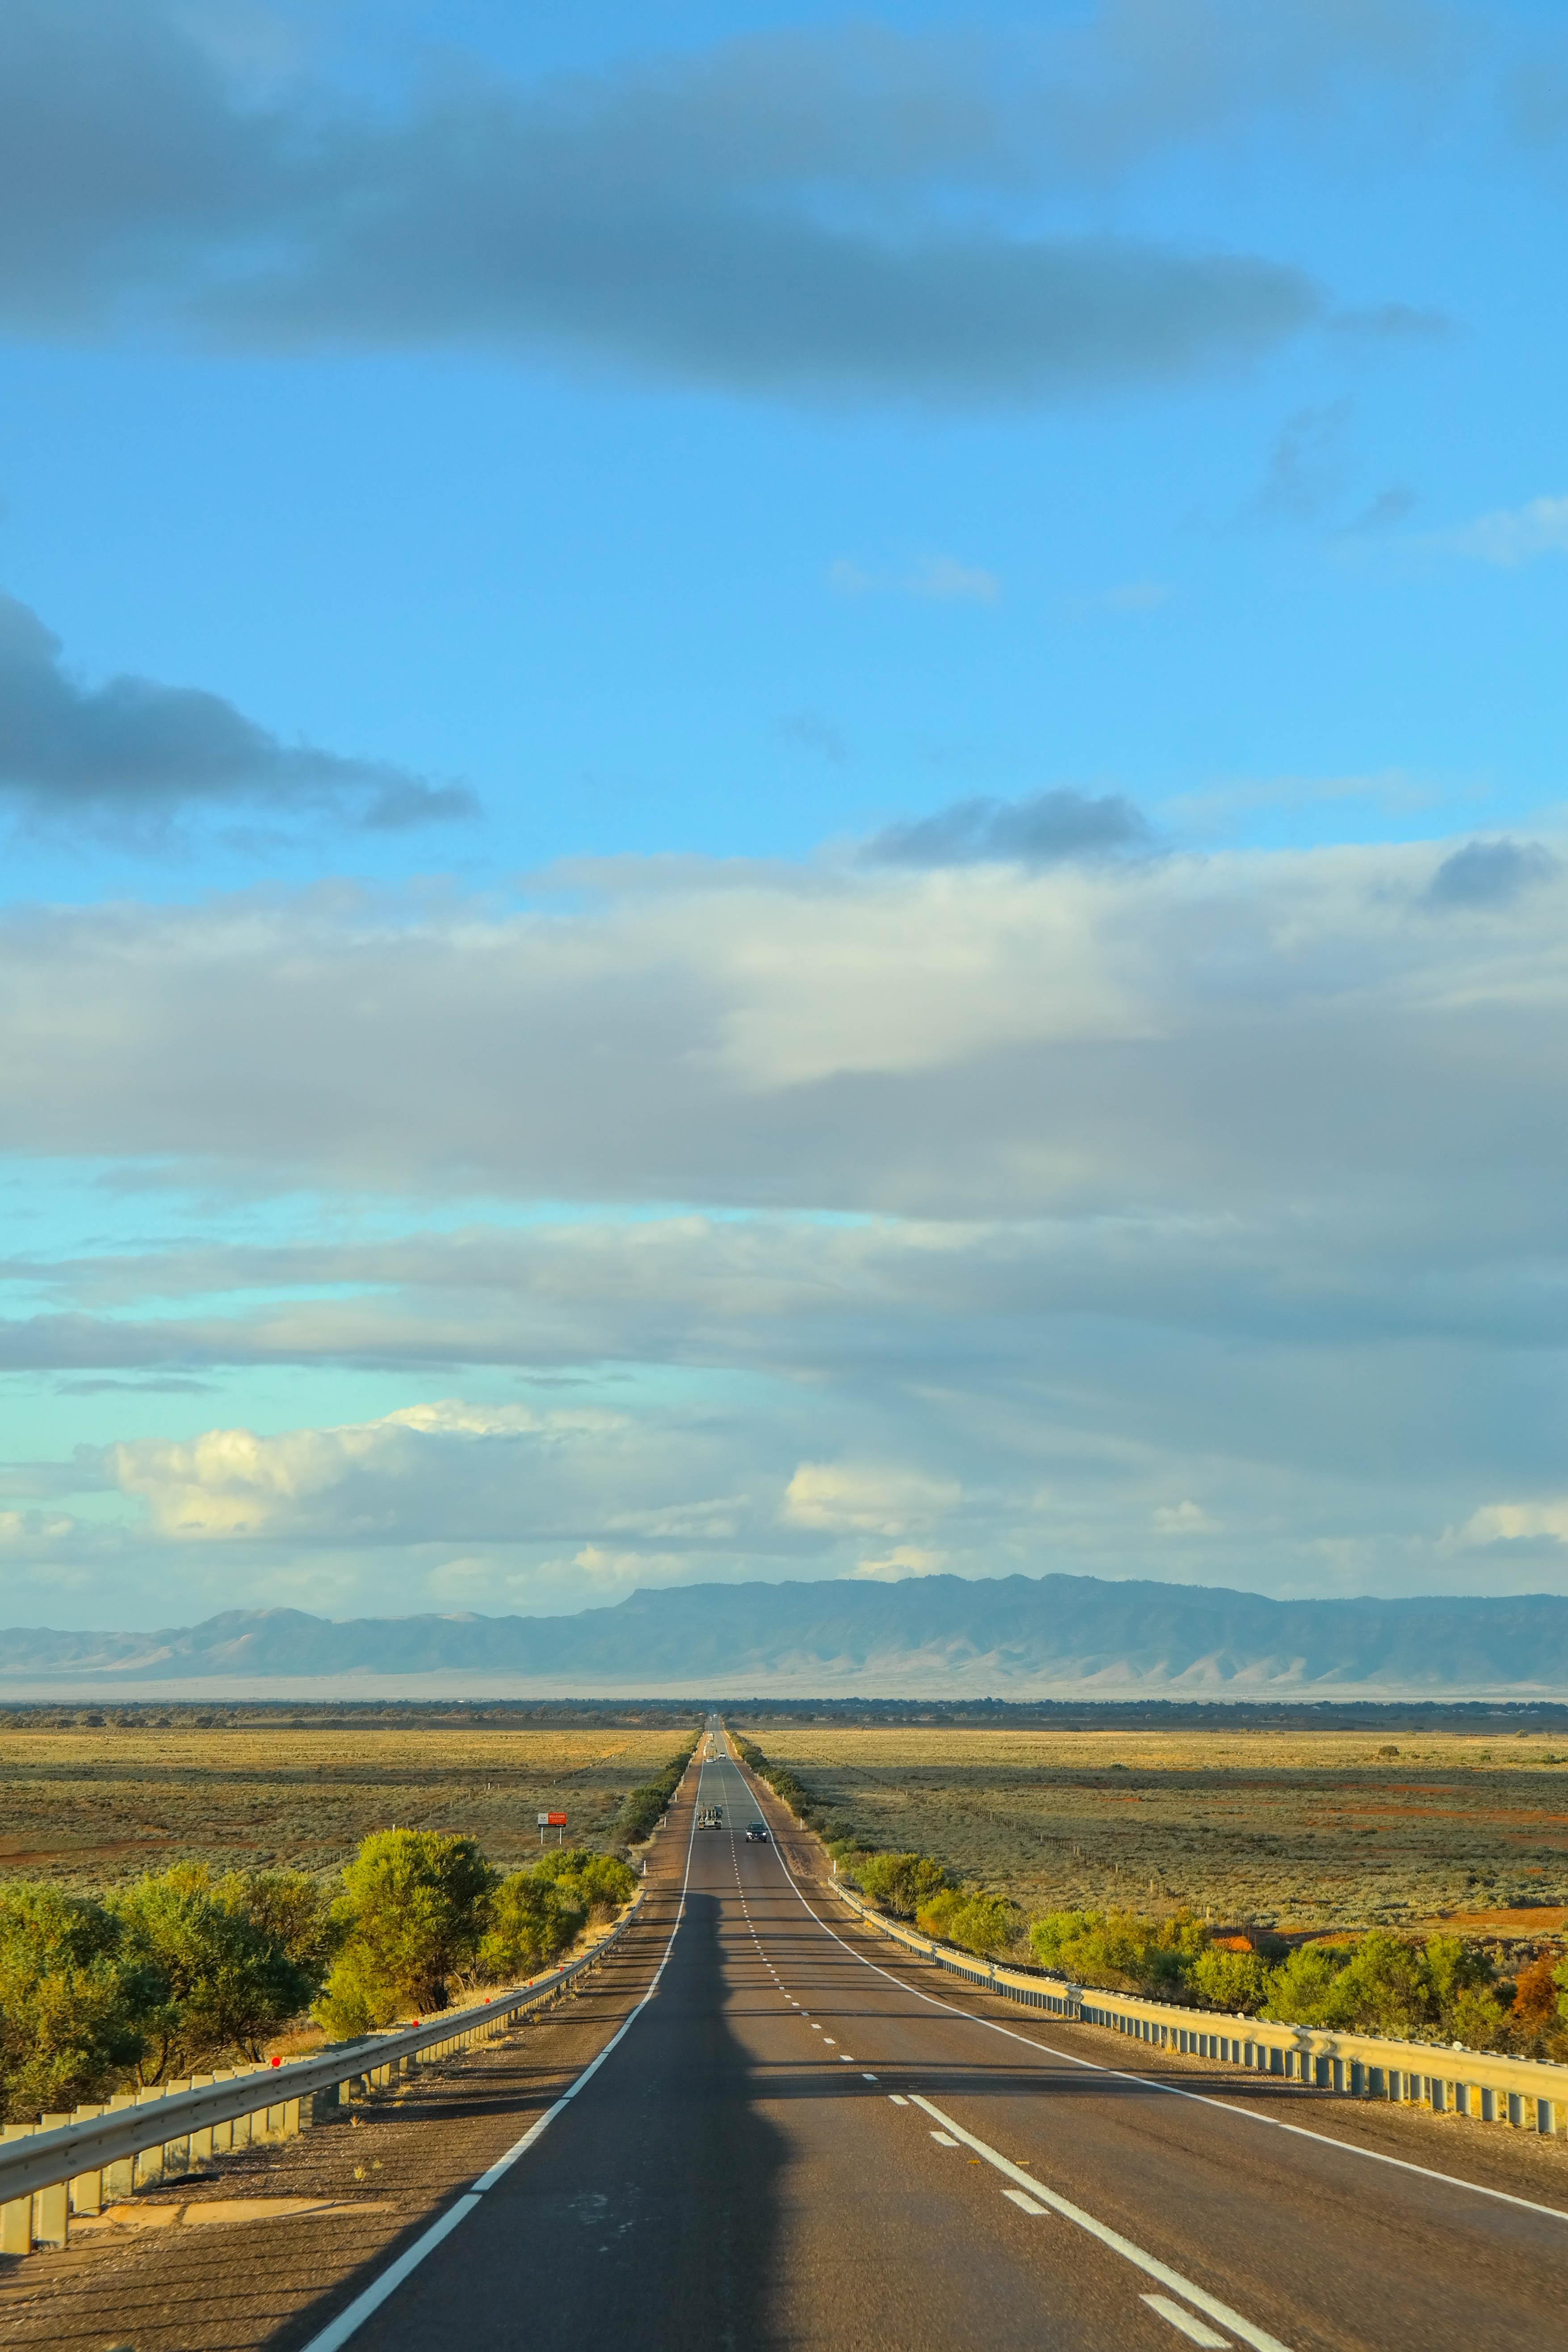 Highway, SA